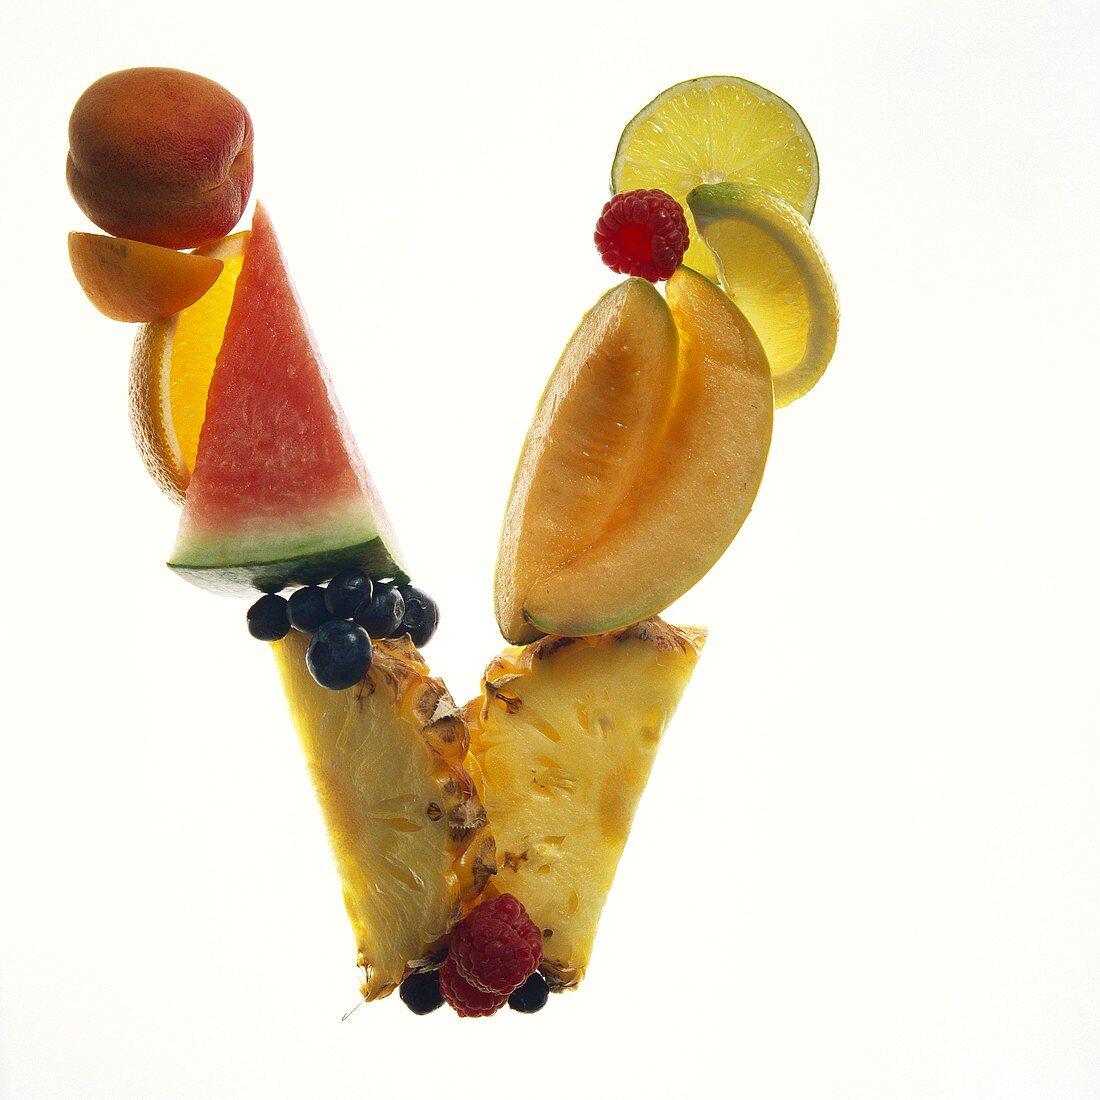 Fruit Forming the Letter V